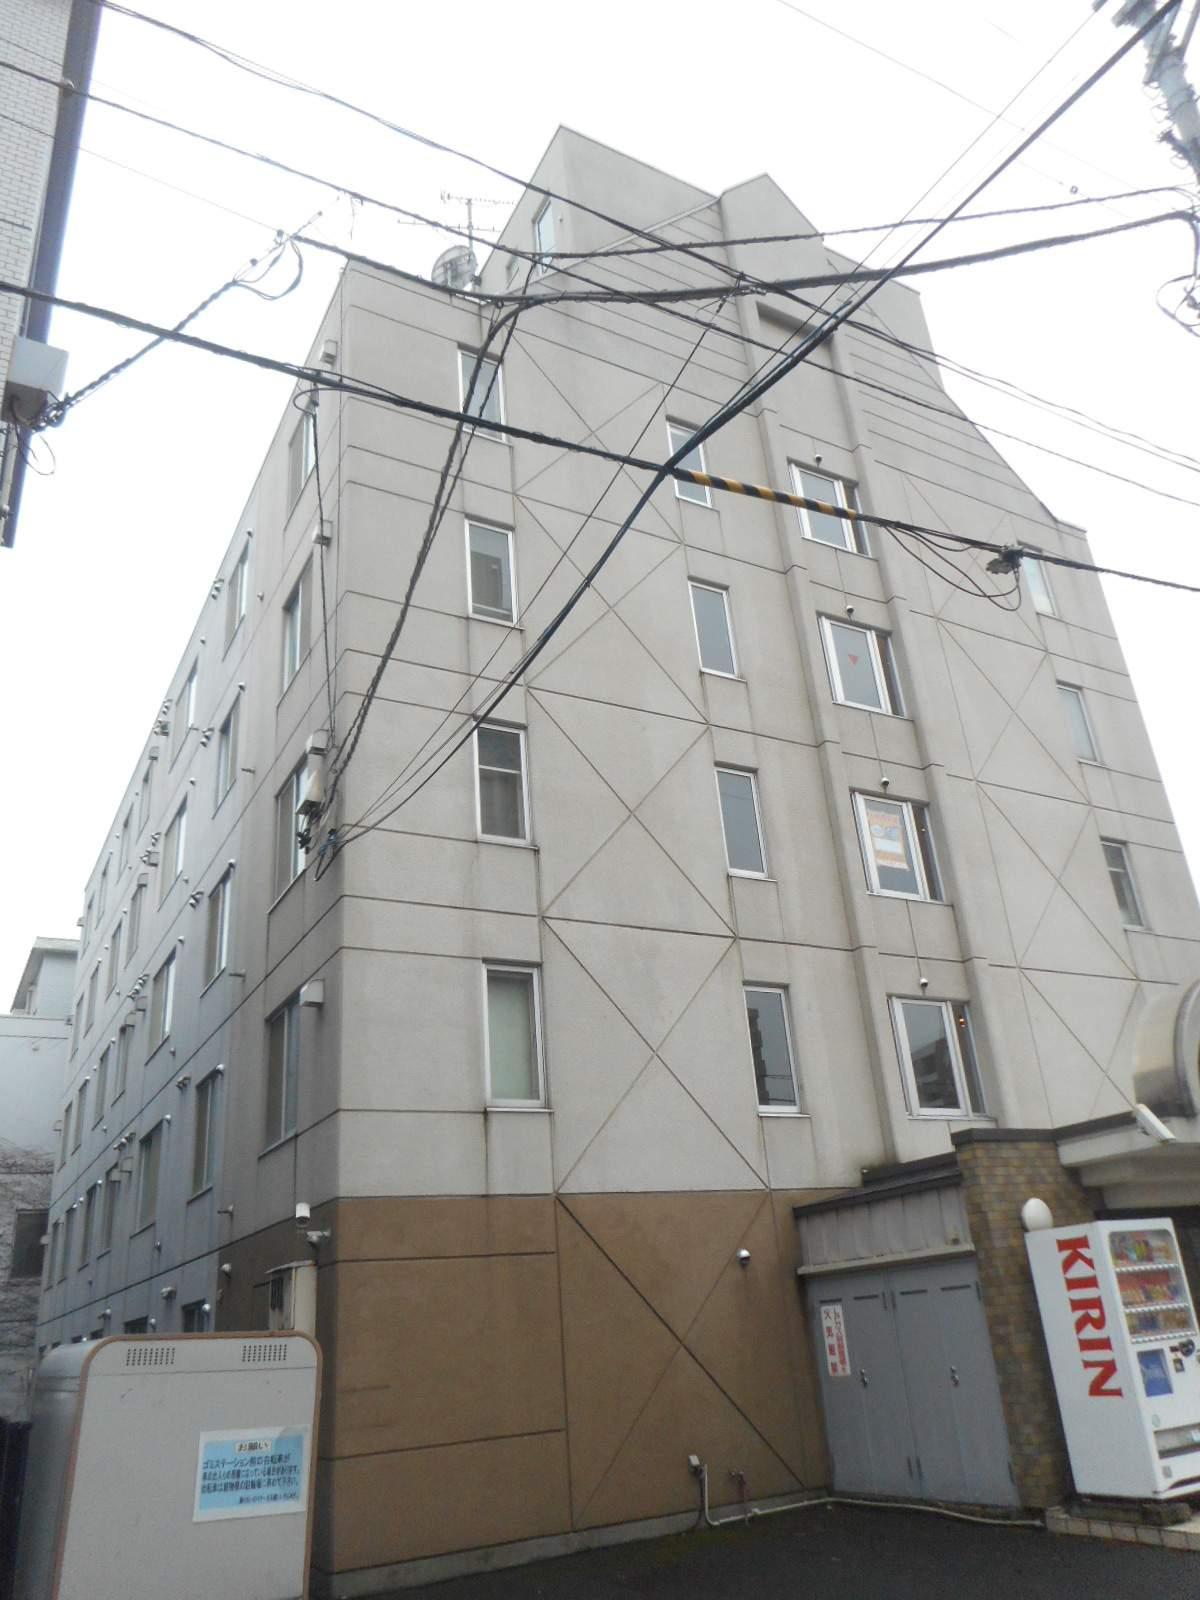 北海道札幌市中央区、札幌駅徒歩13分の築29年 5階建の賃貸マンション